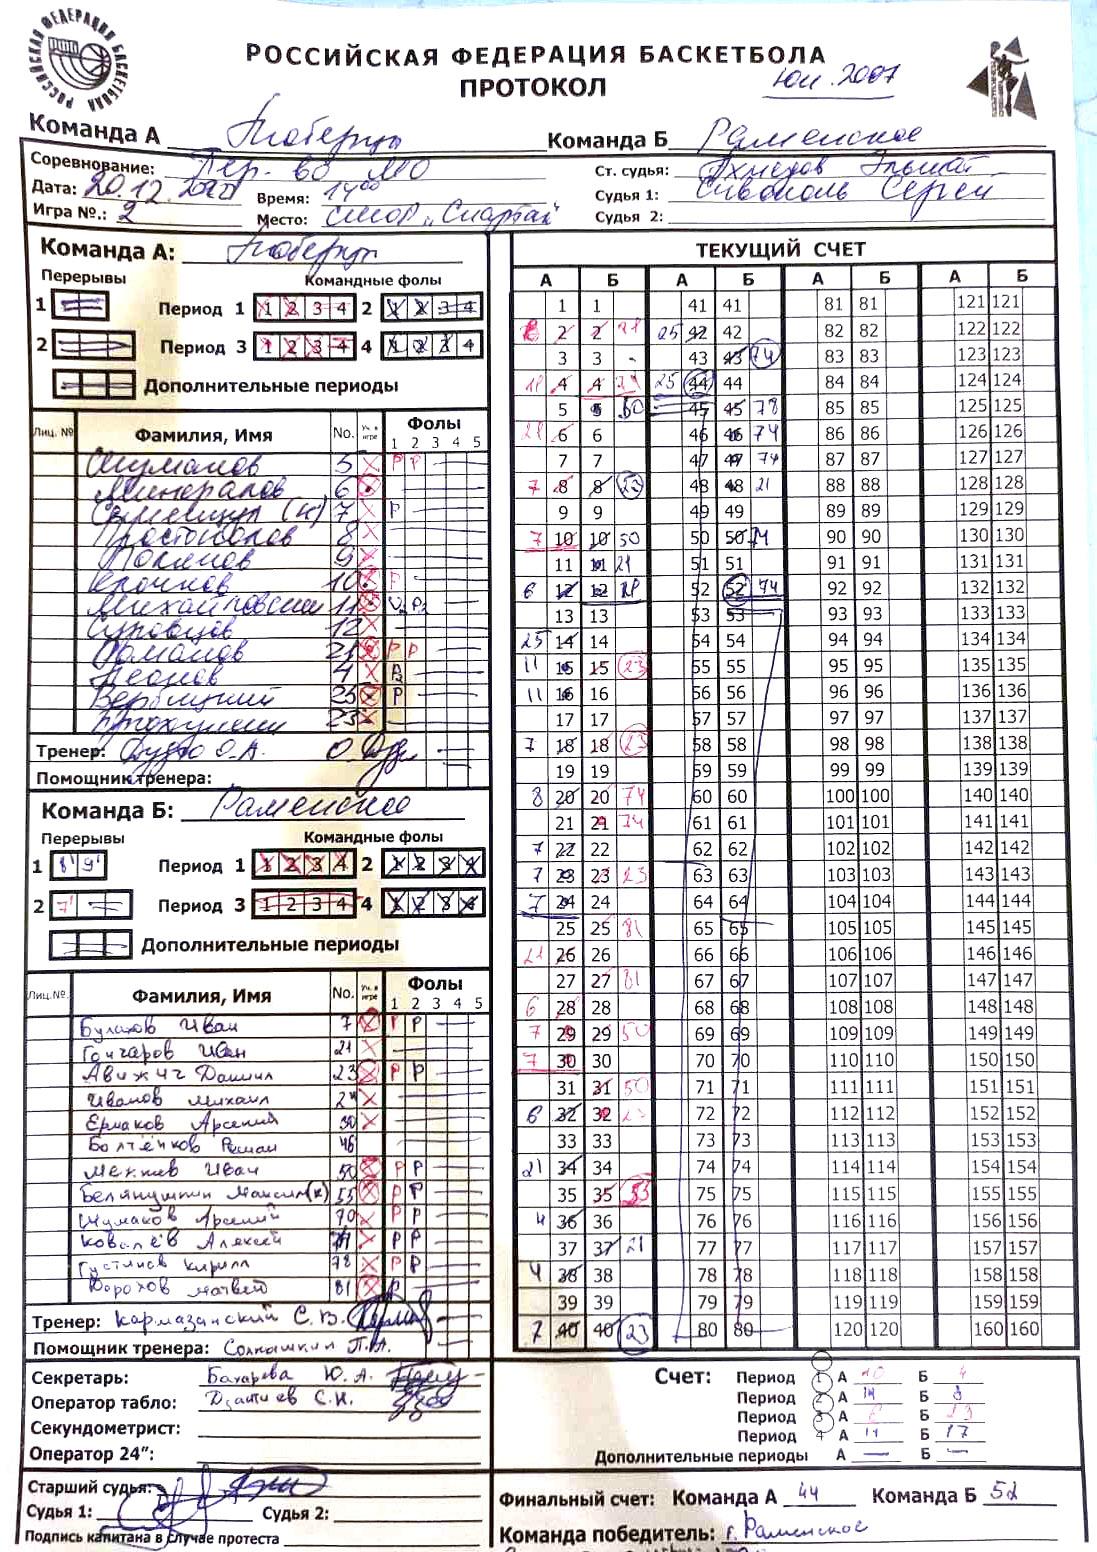 Протокол матча Спартак - Волки, СЛ'07, г. Люберцы, 20.12.2020